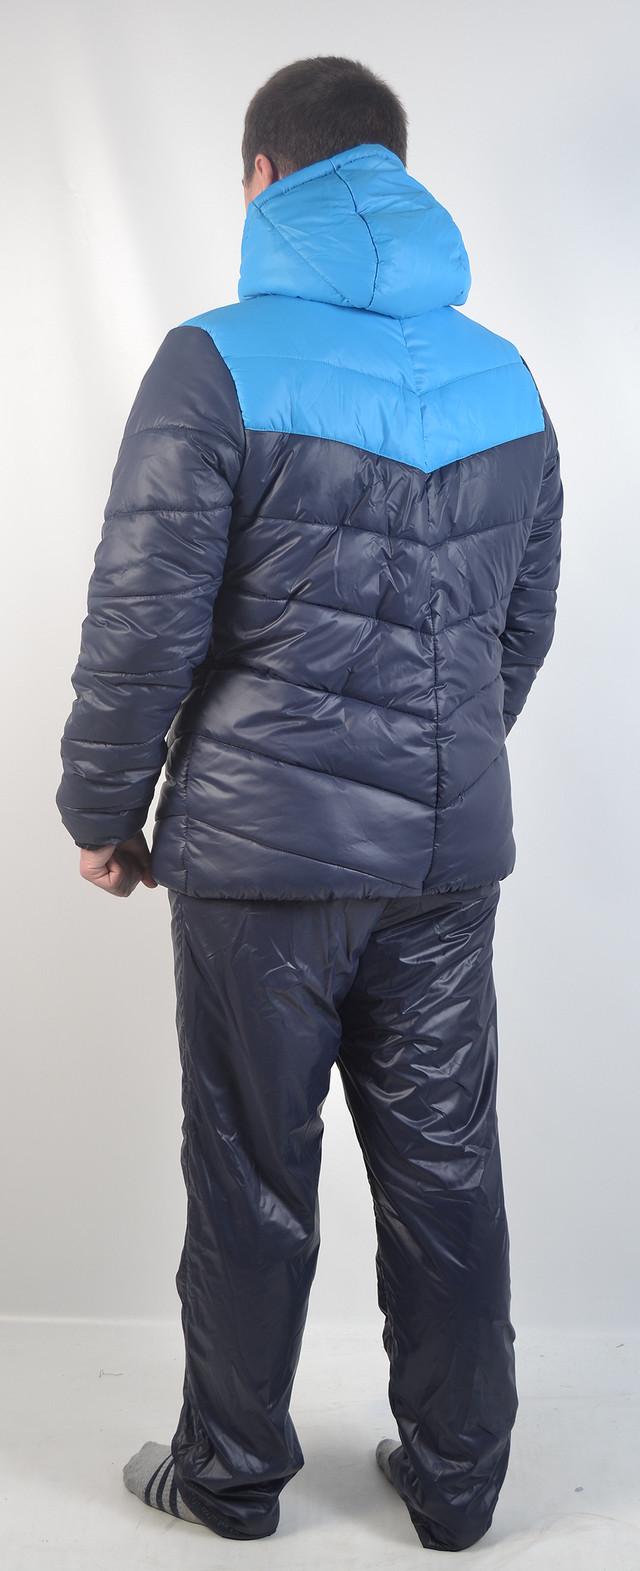 Зимовий спортивний костюм Adidas 3c71cfc2f9ff6